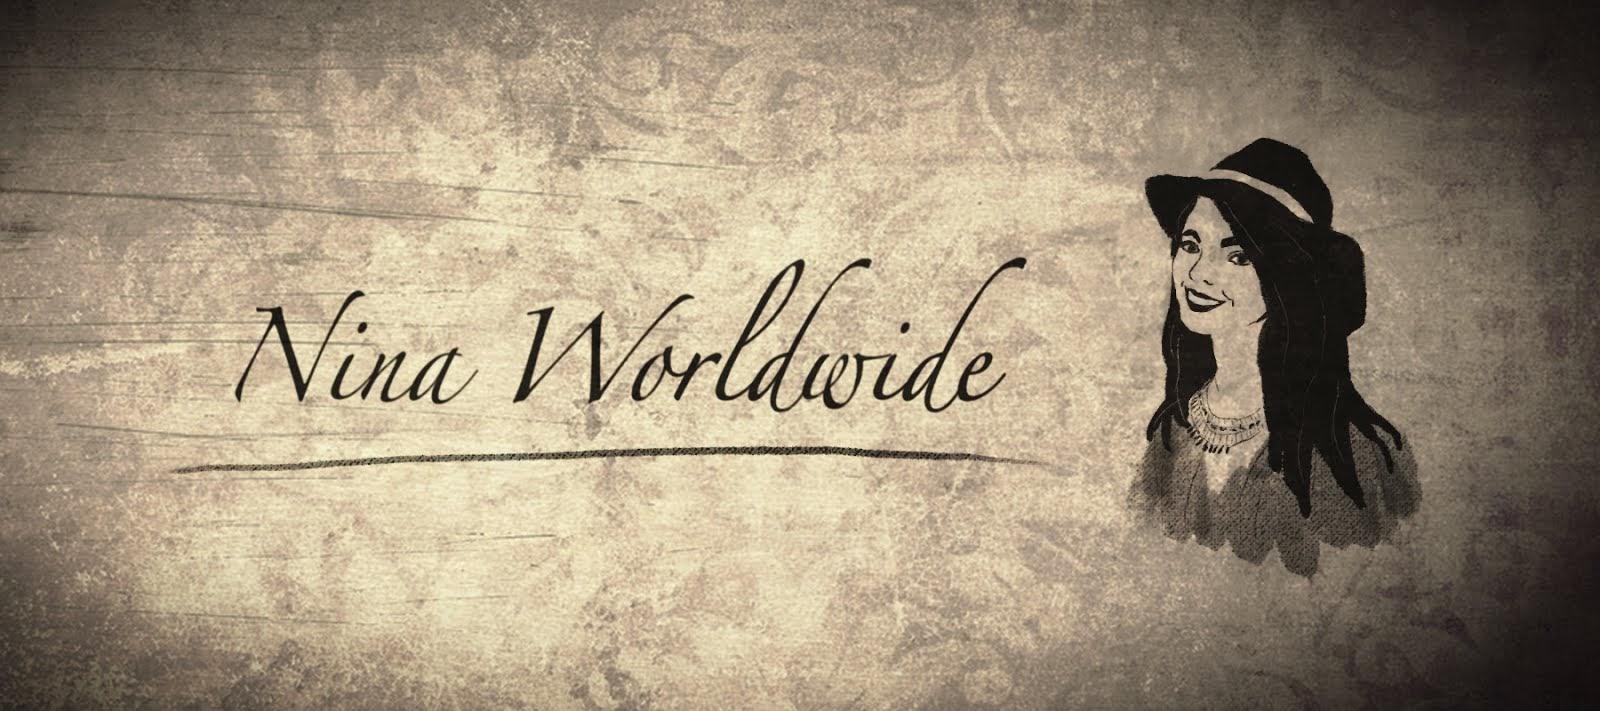 Nina WorldWide